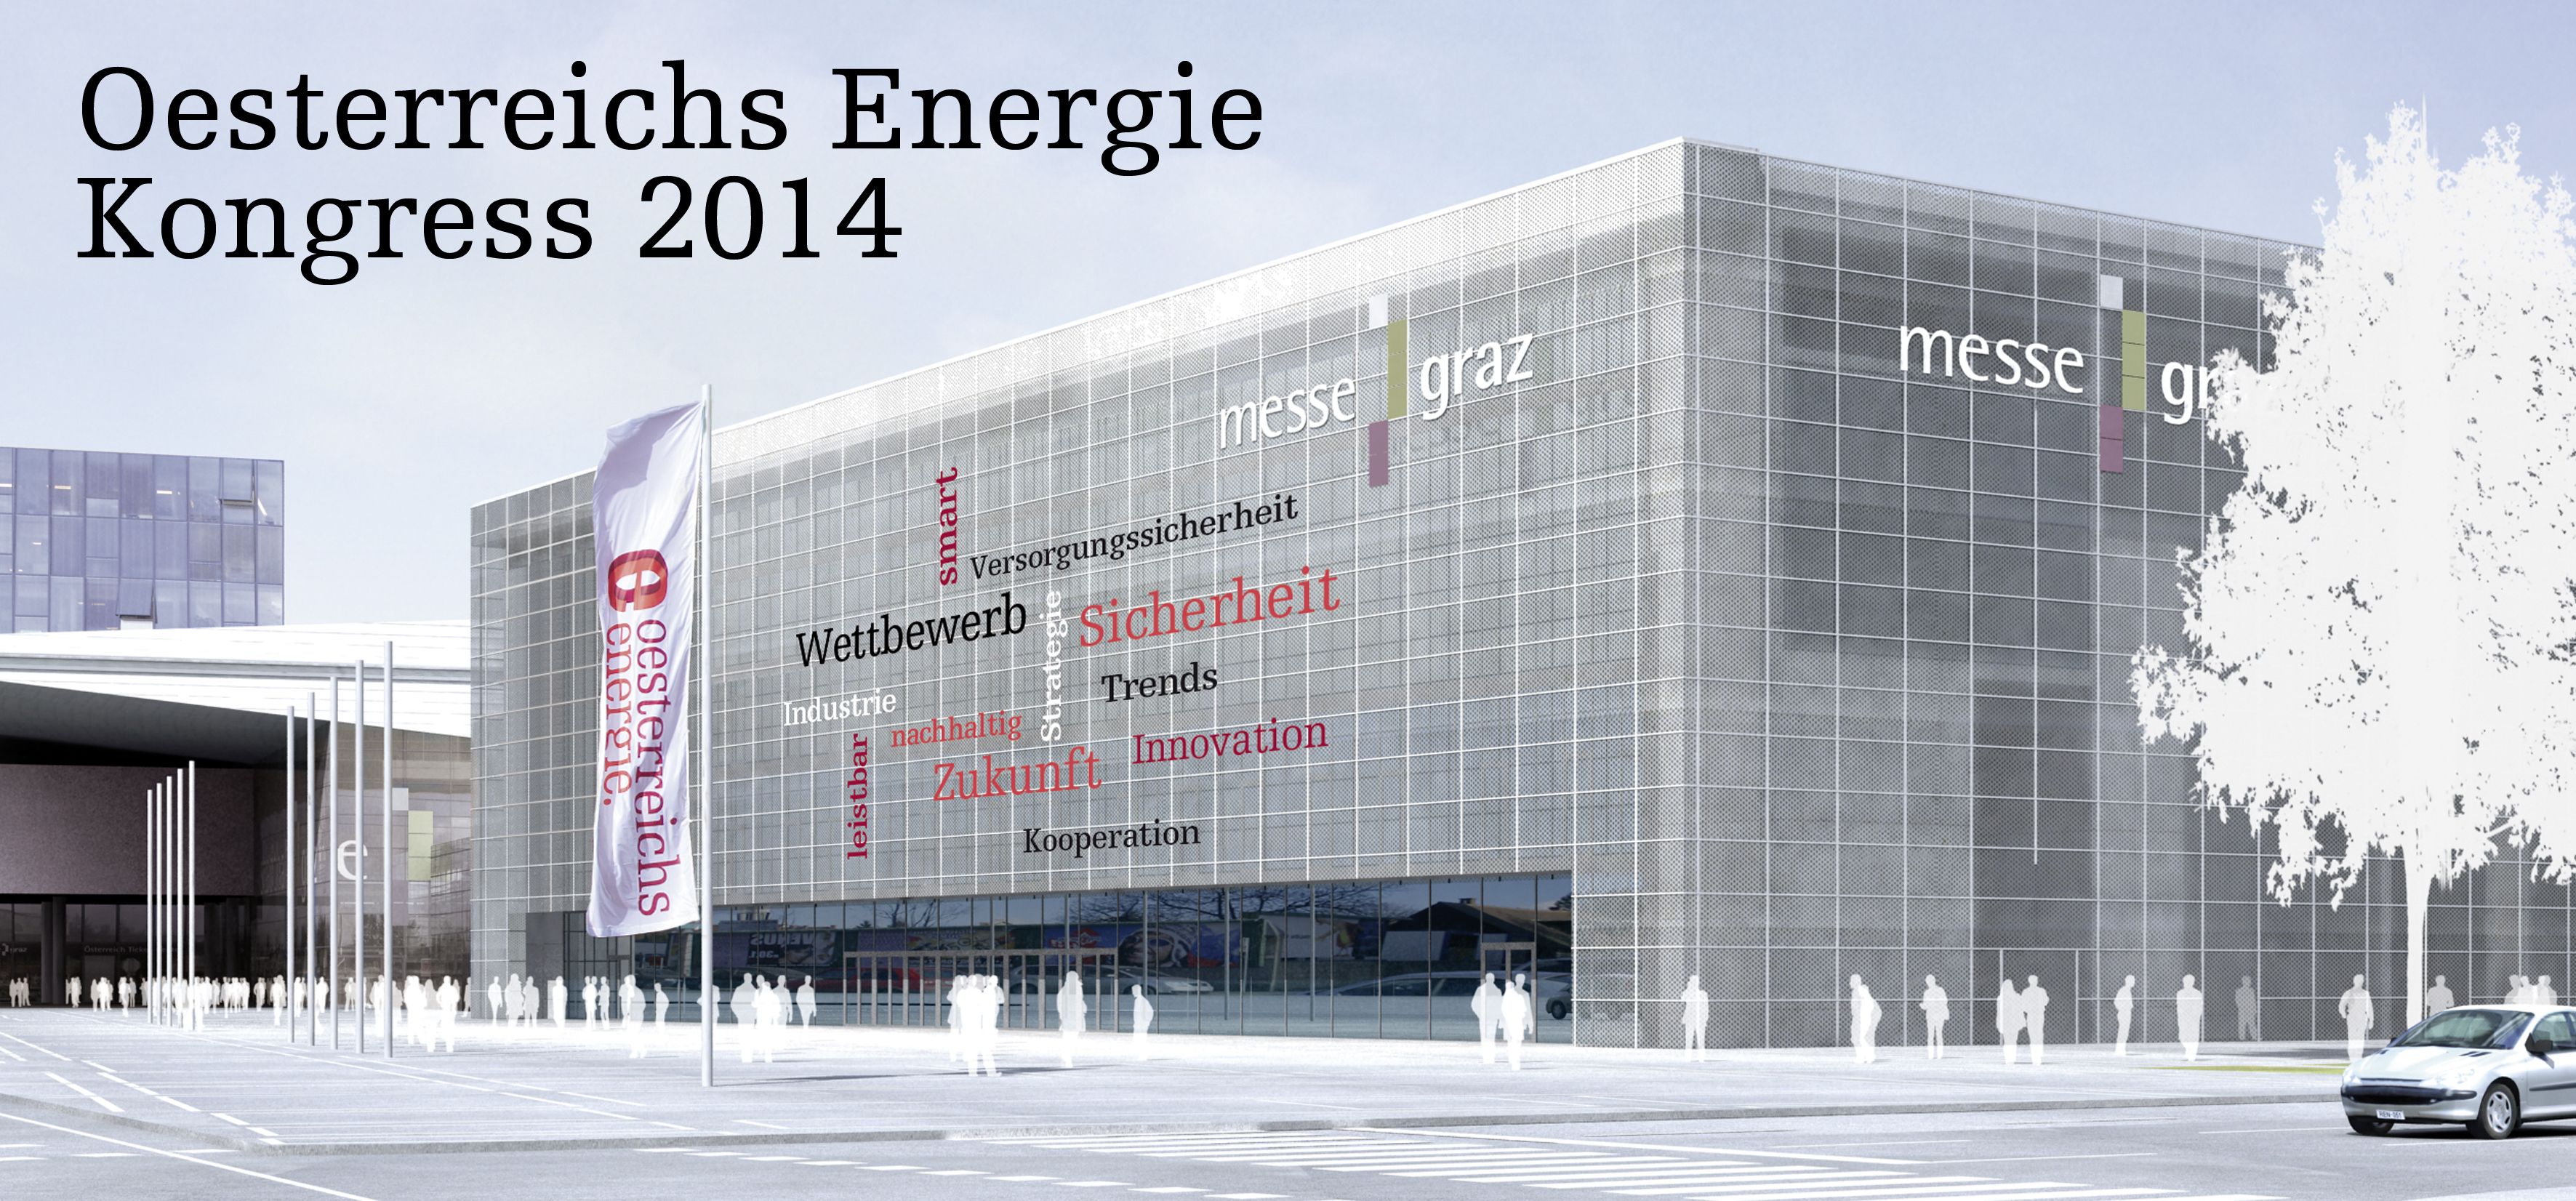 Oesterreichs Energie Kongress 2014